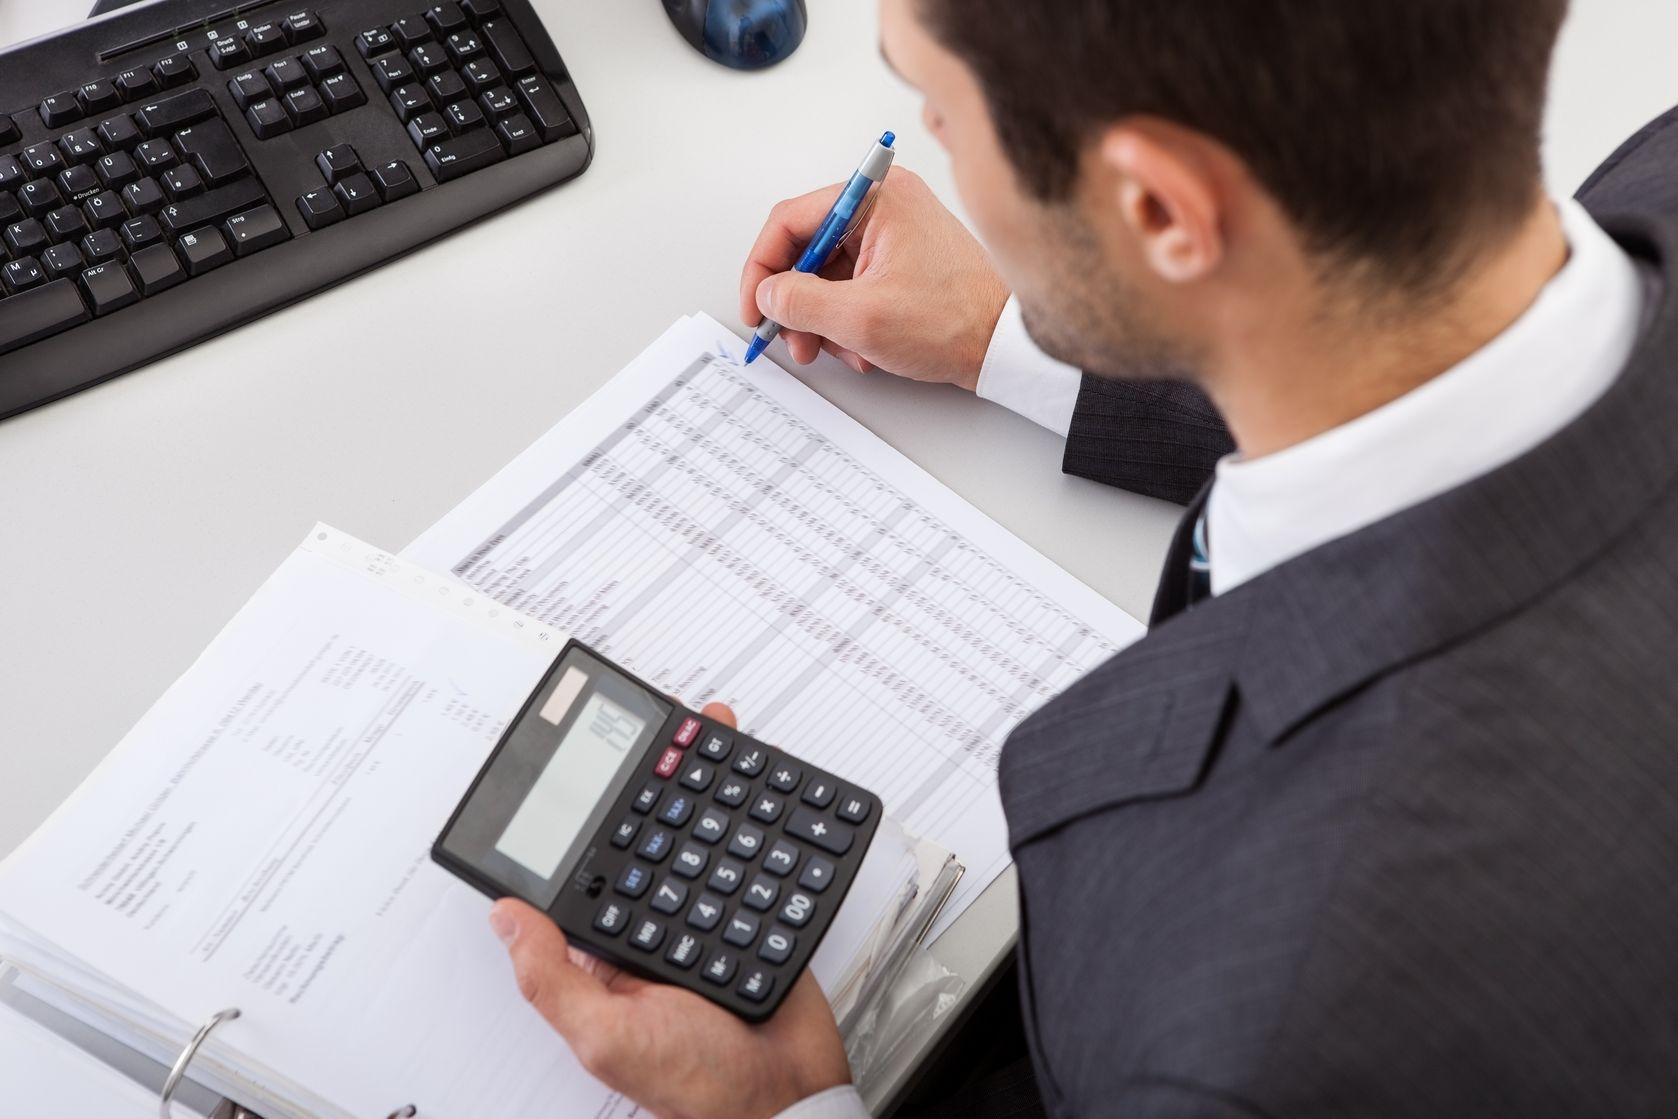 دفتر حسابات اليومية انواع القيود و نموذج دفتر حسابات اليومية بي كريتف